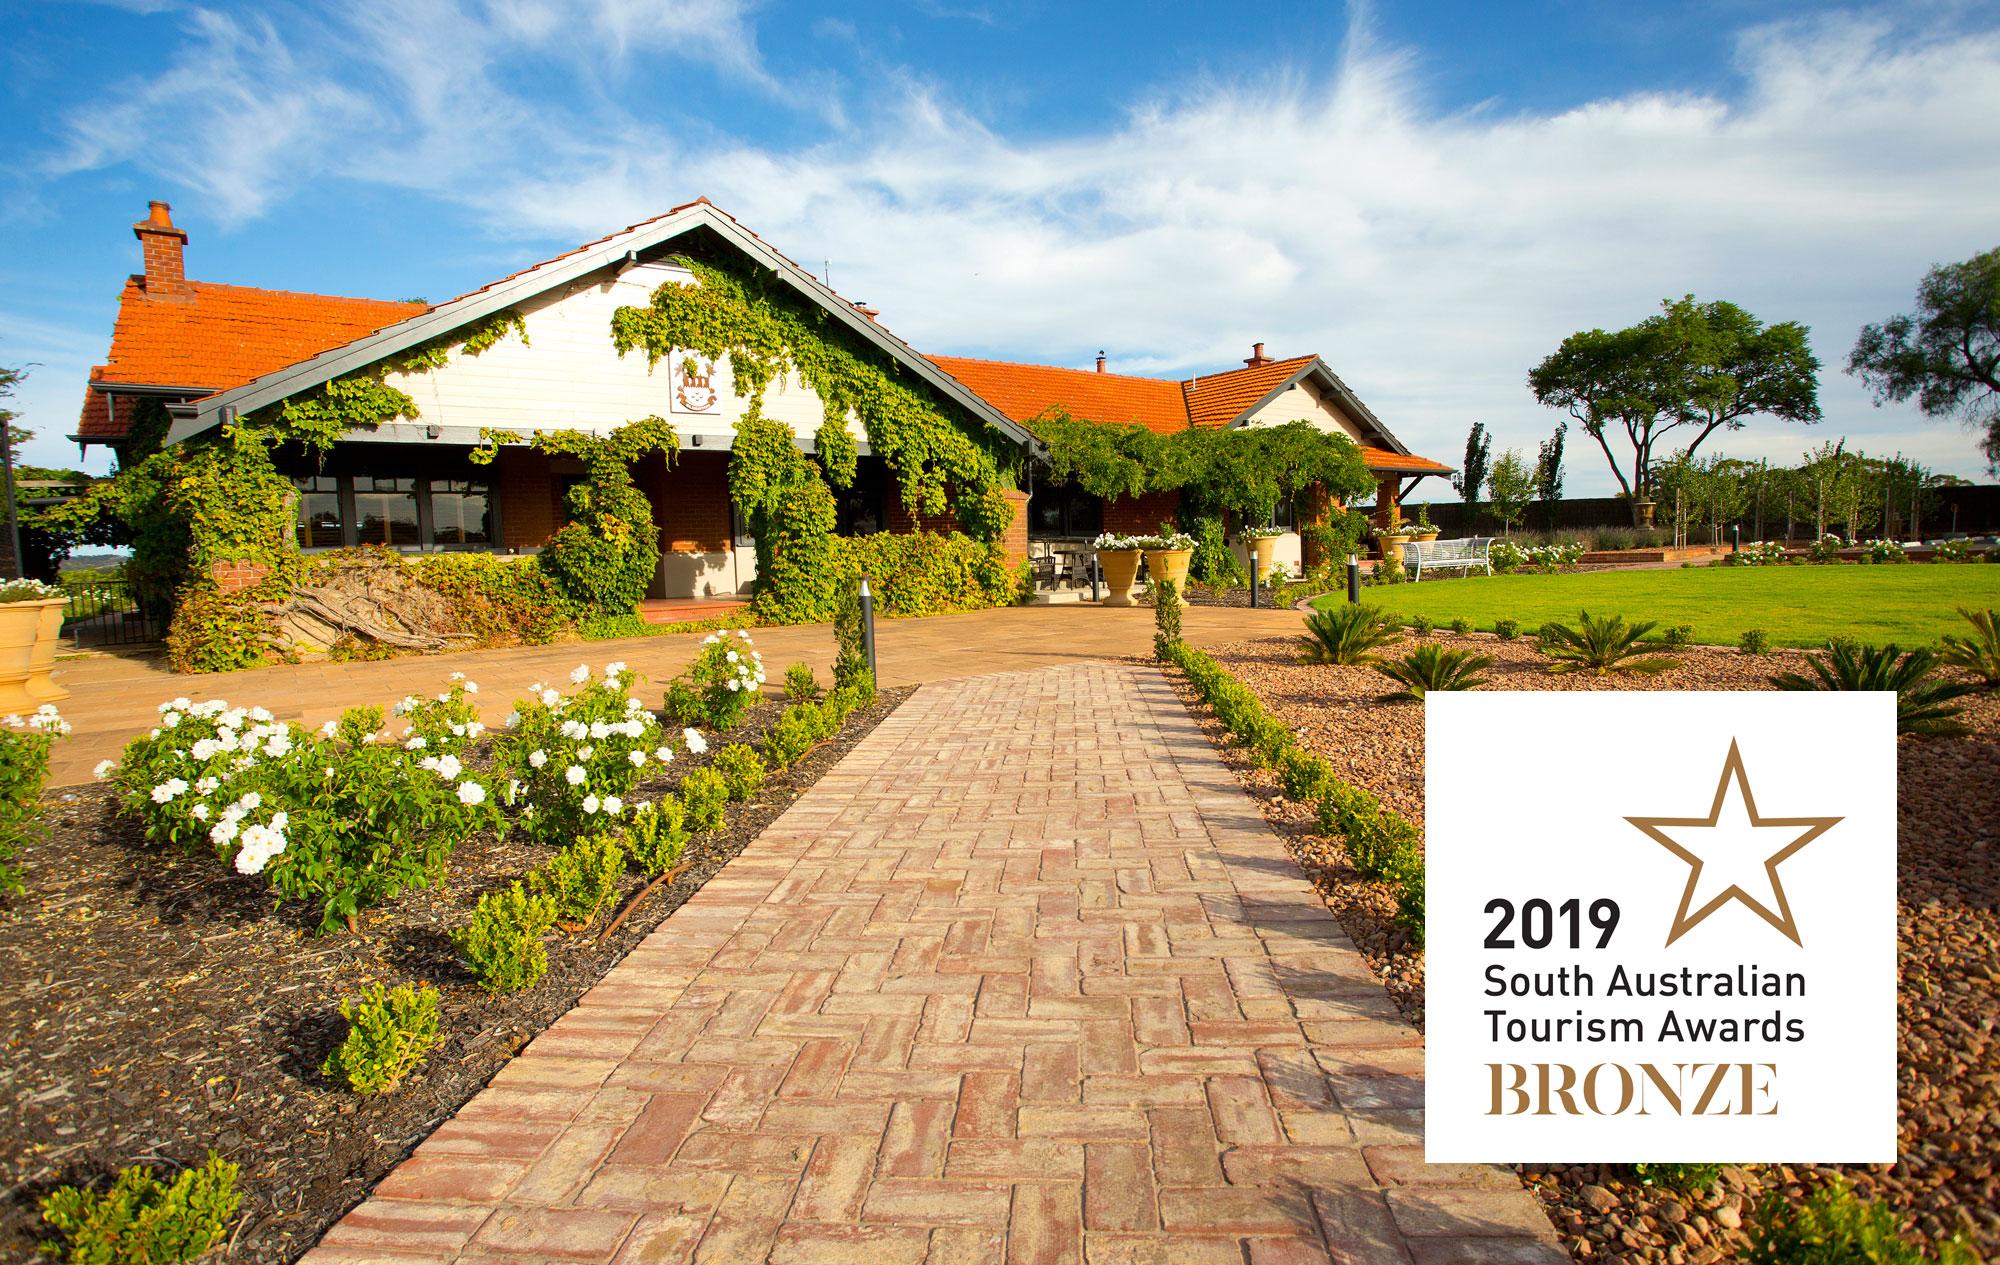 2019 South Australian Tourism Awards - Bronze Medal - Elderton Wines Cellar Door